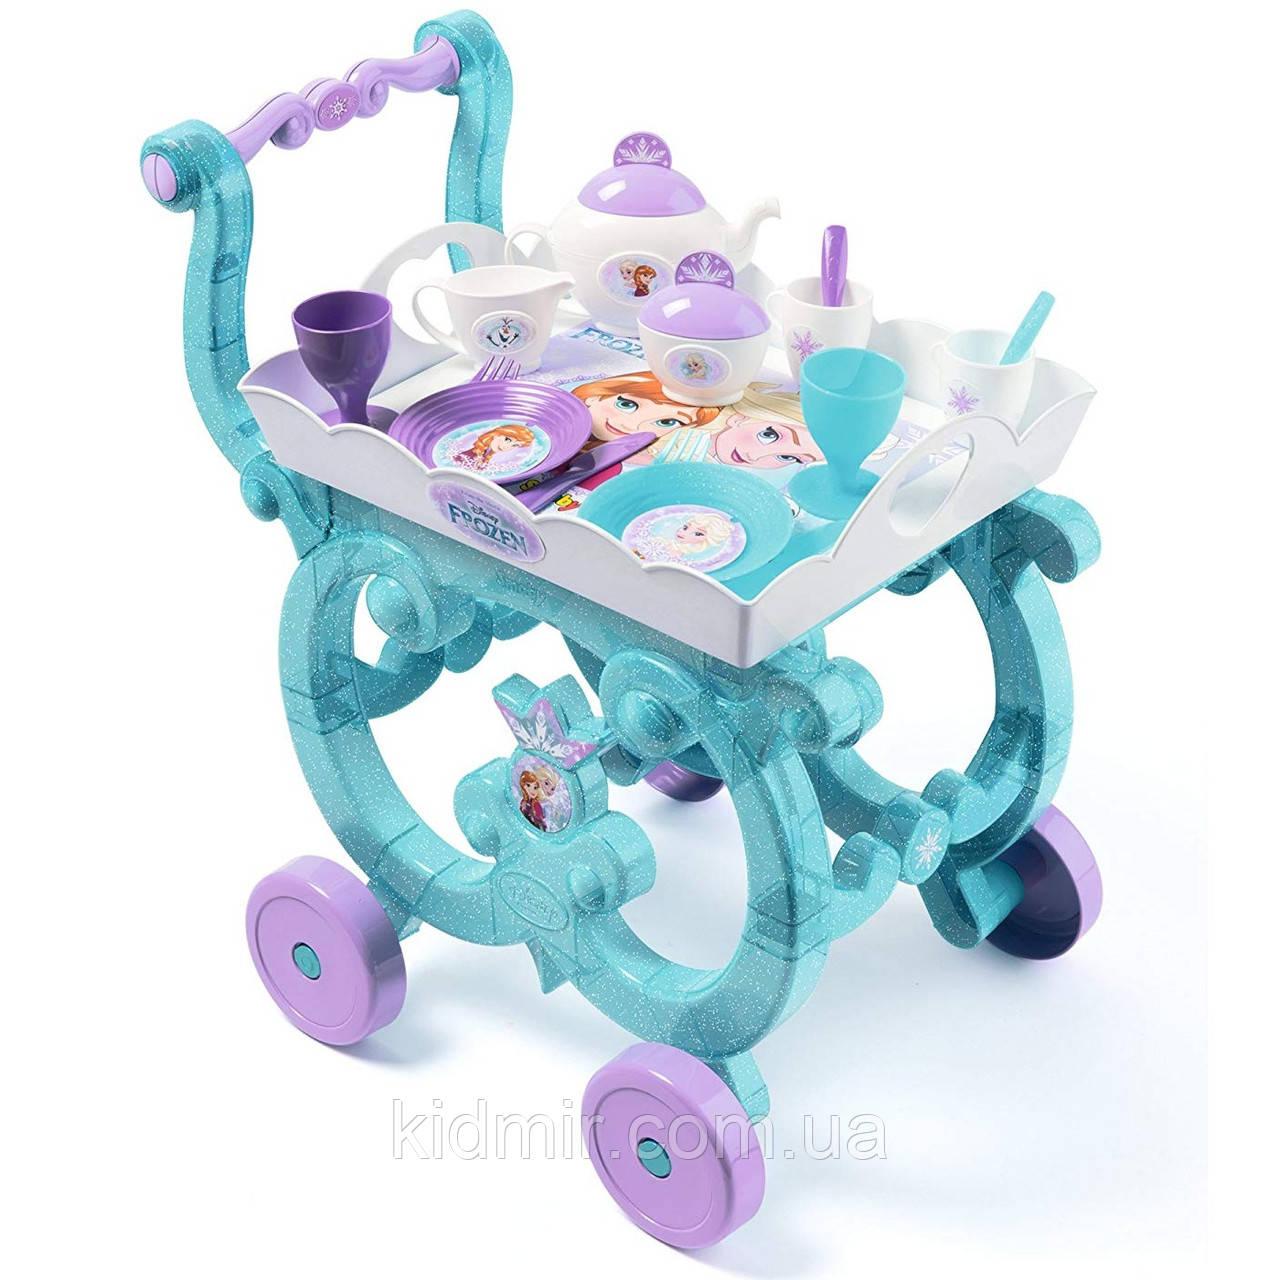 Сервірувальний Столик на коліщатках з чайним сервізом Фроузен Frozen Smoby 310577